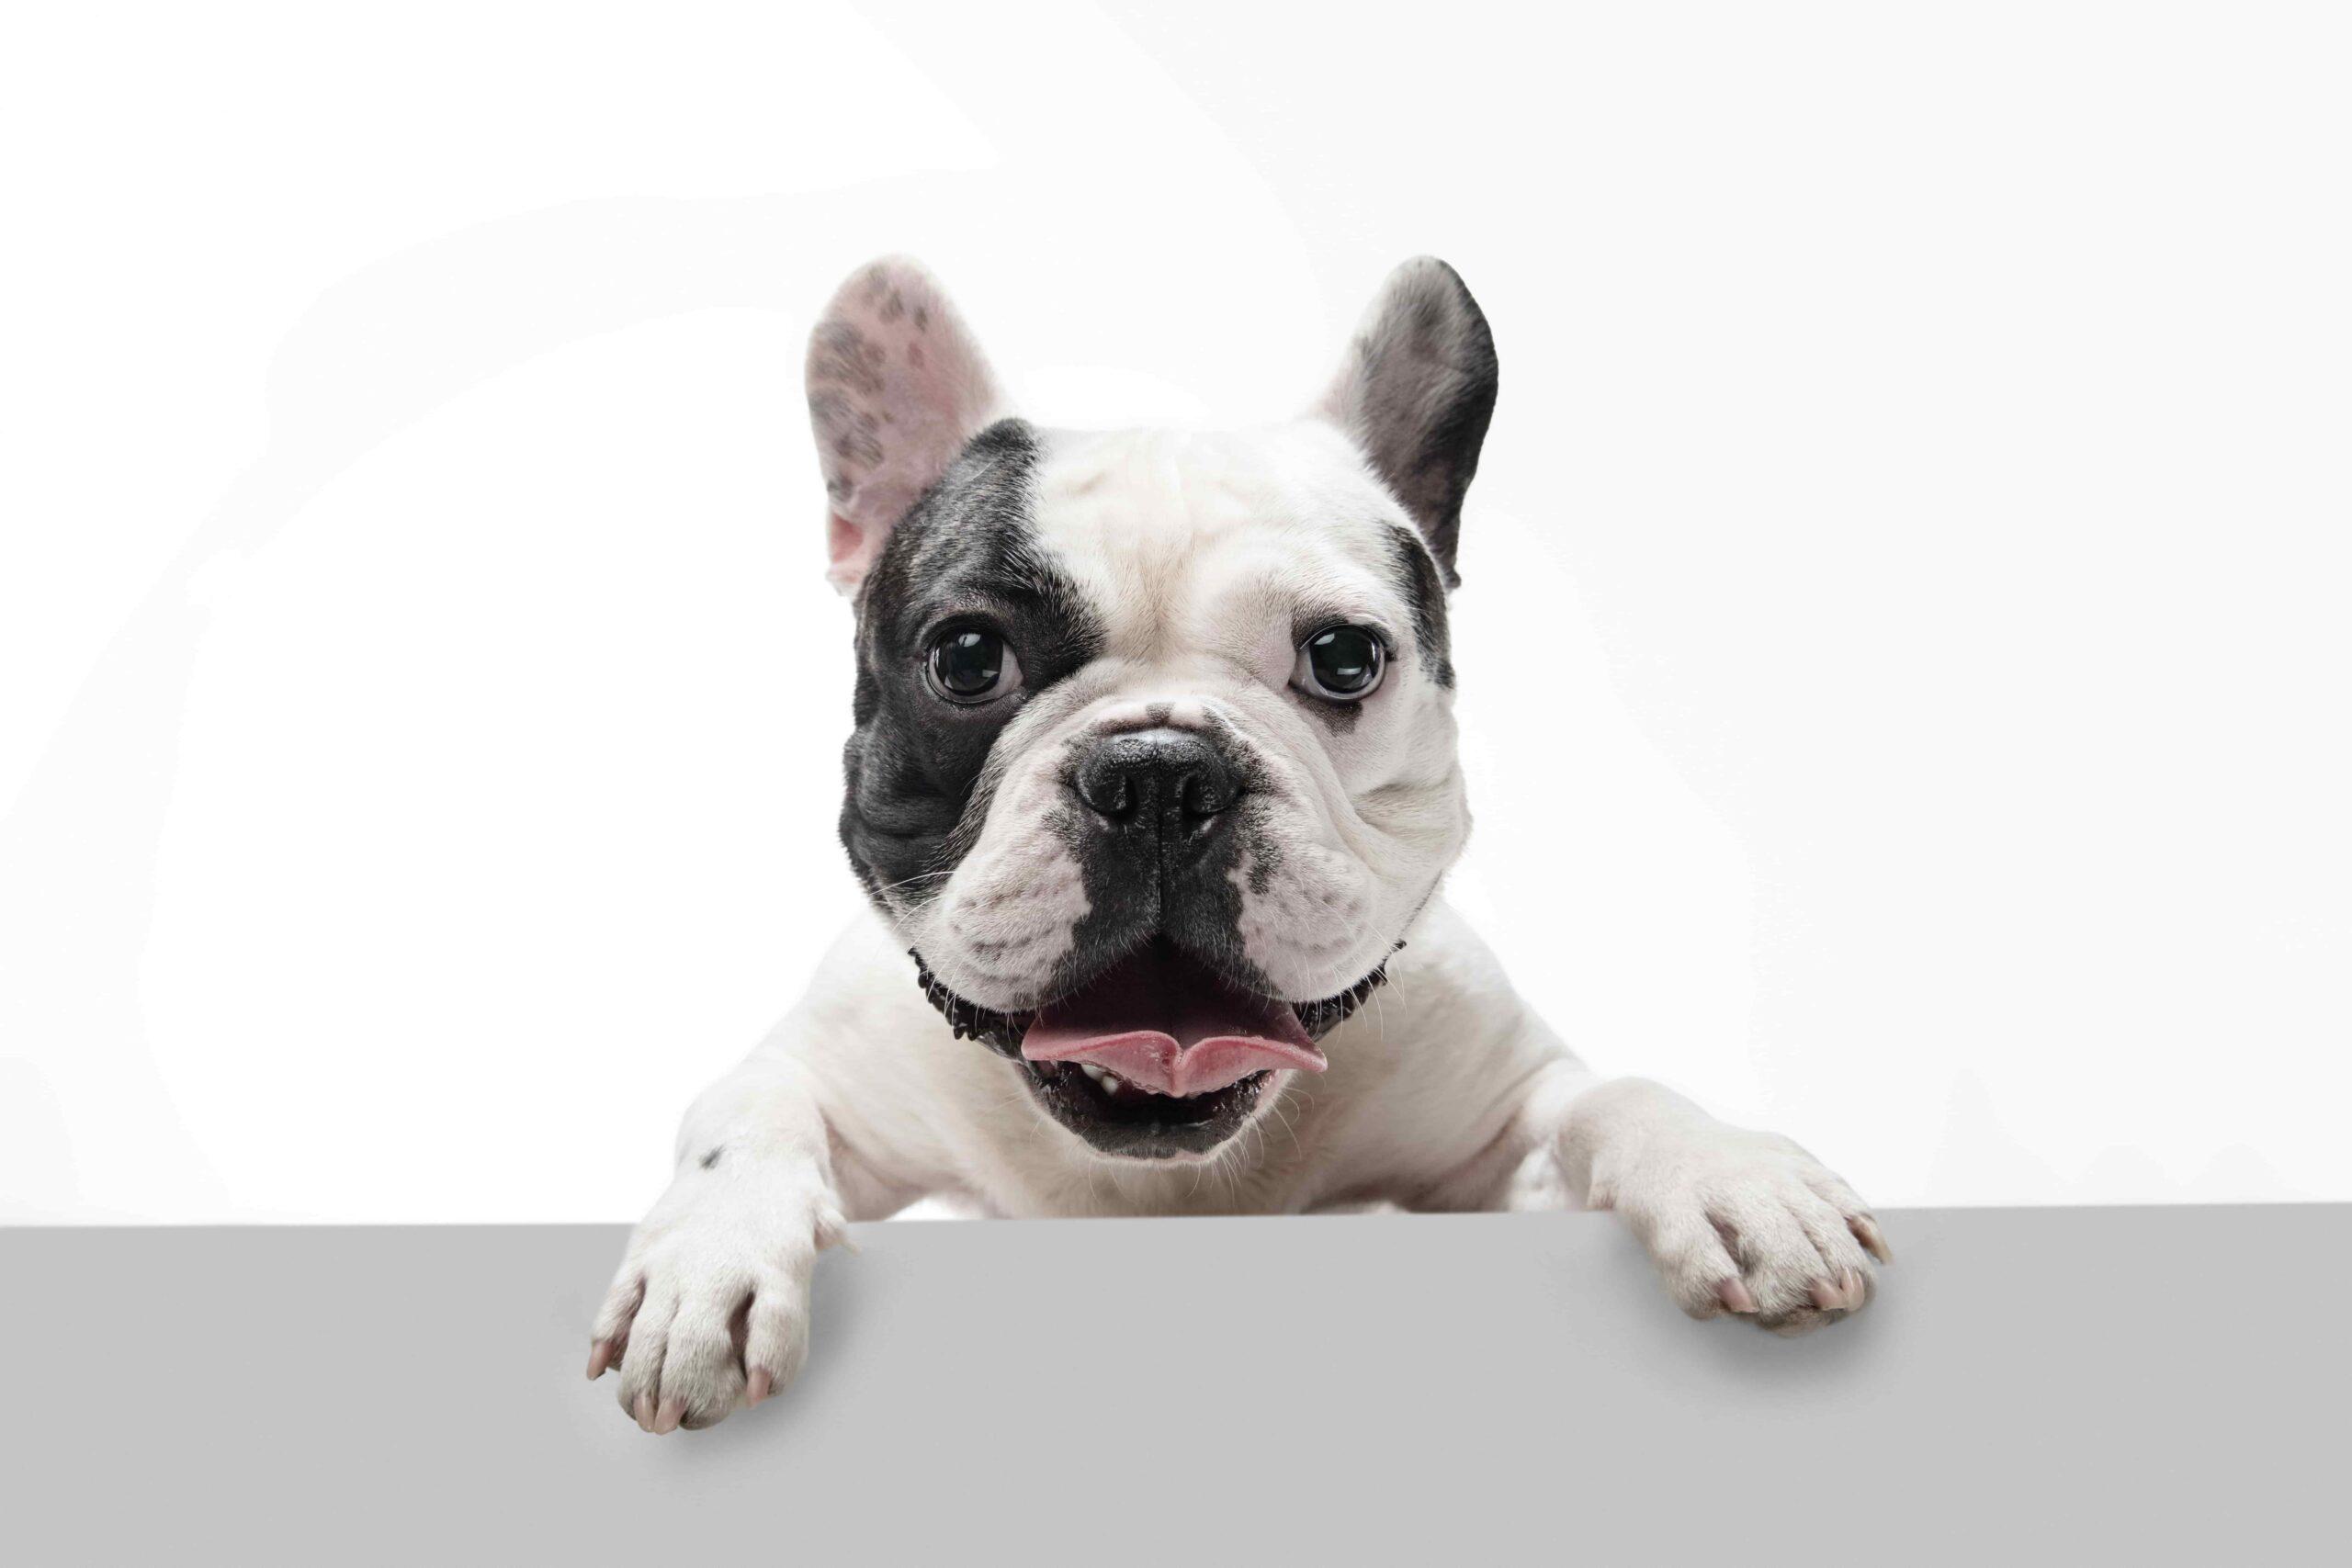 Köpeğim İdrar Kaçırıyor, Neden Olabilir?